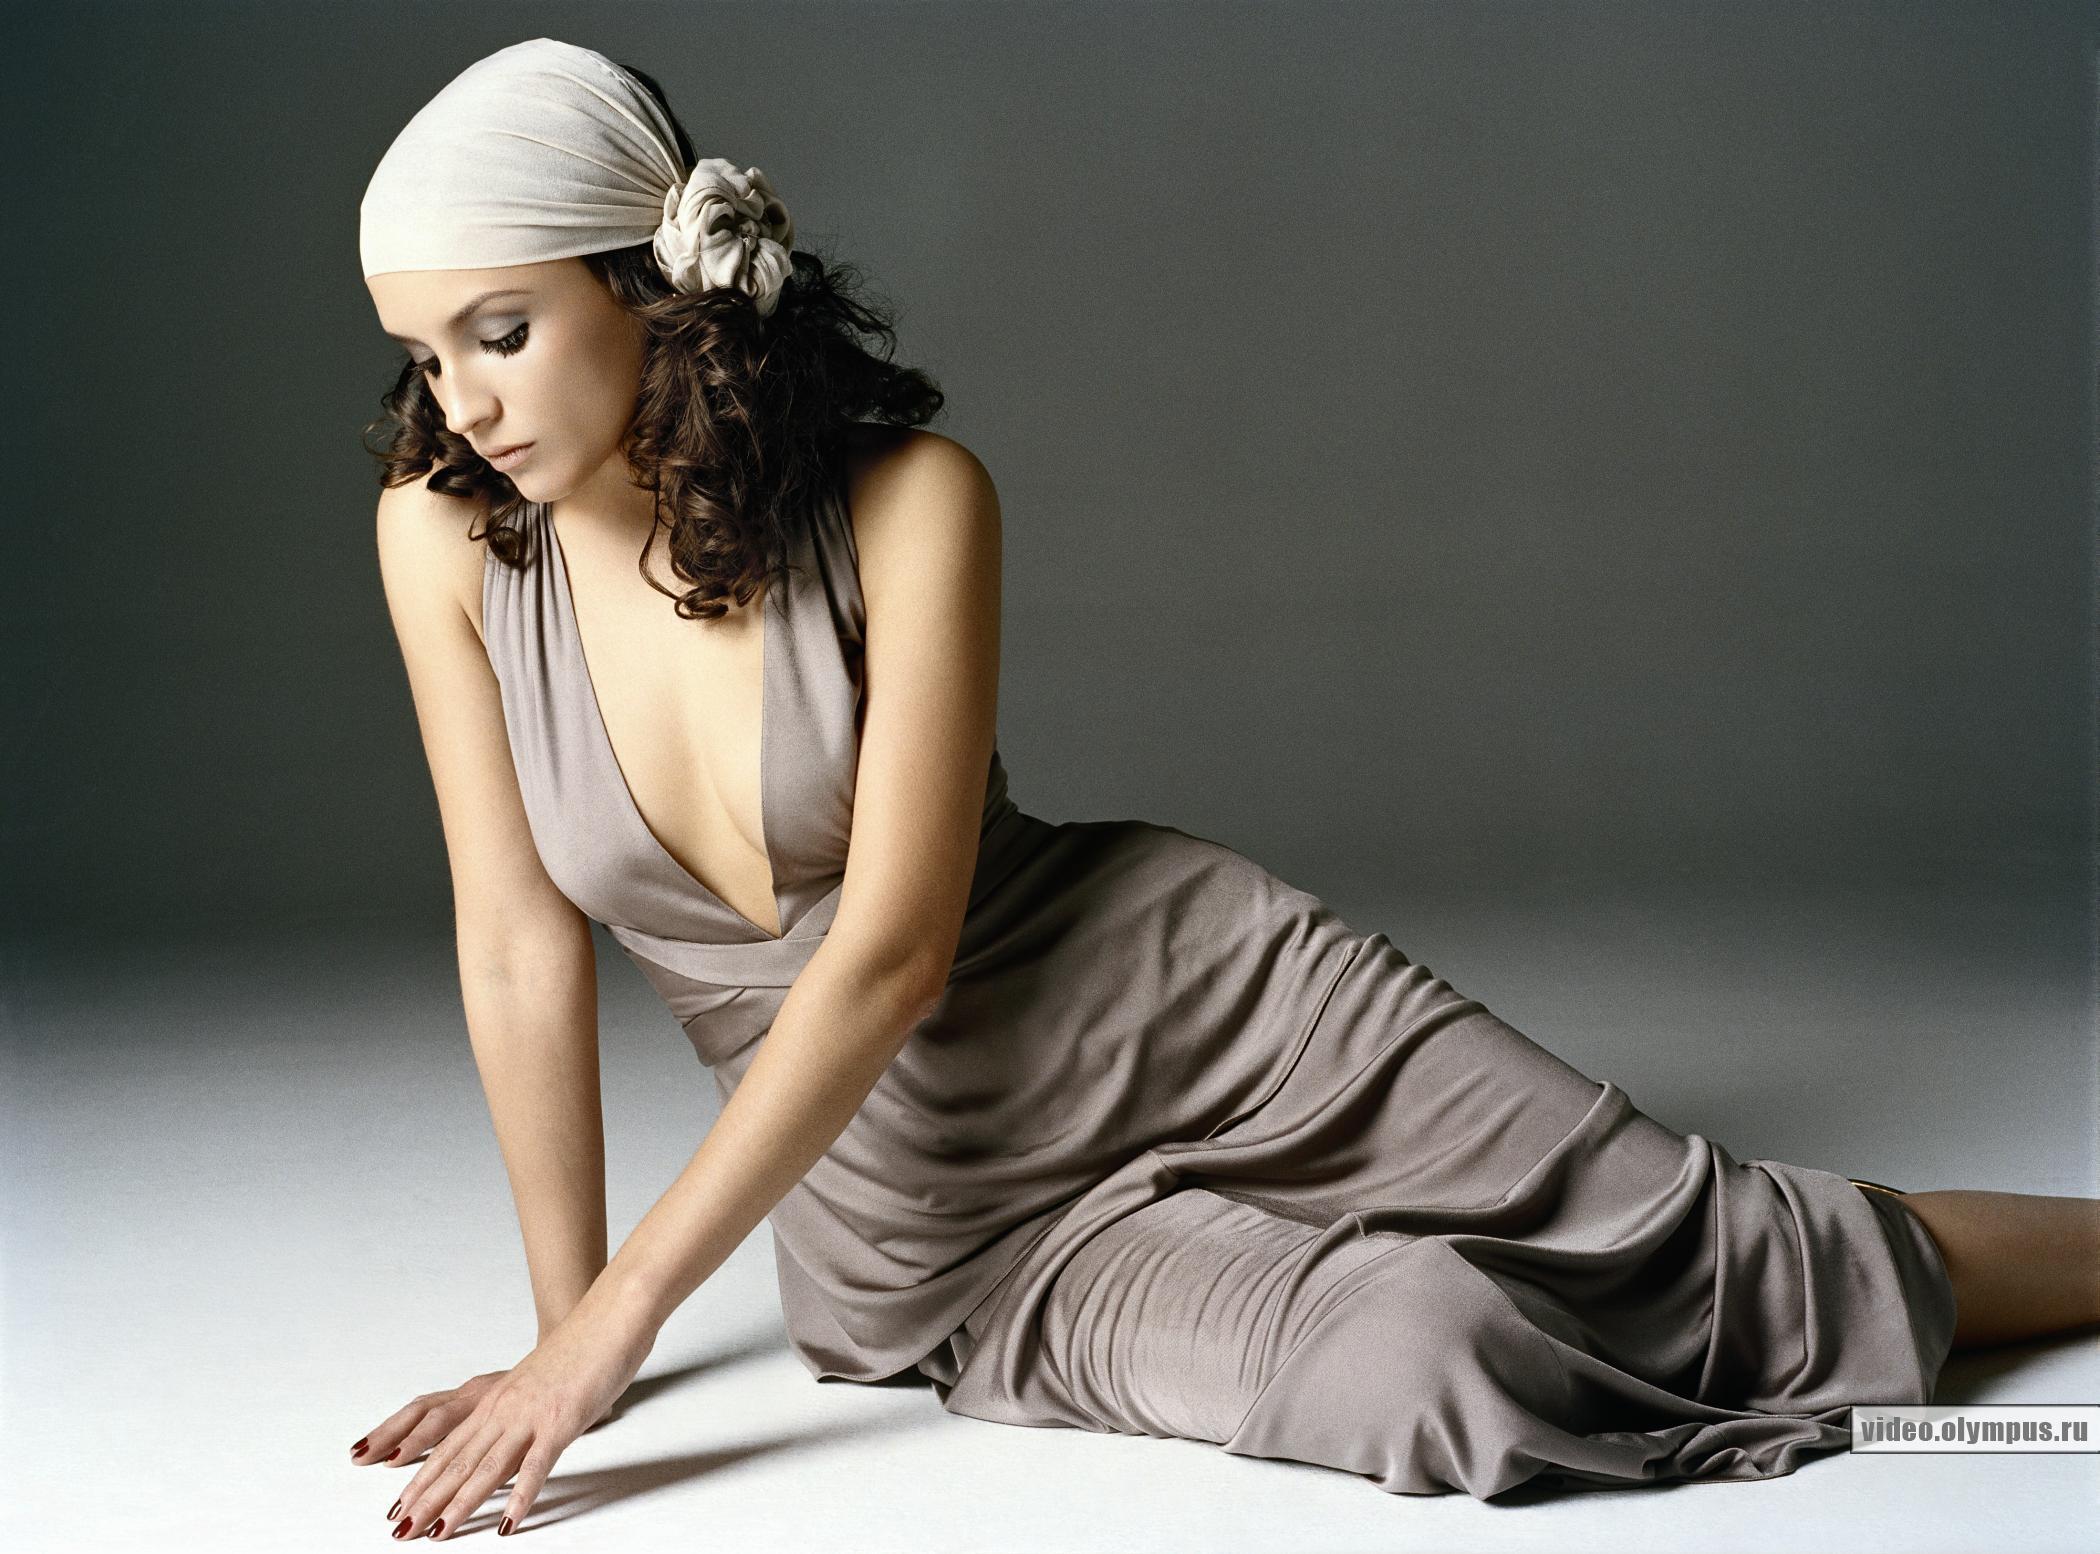 Роскошная русская женщина 9 фотография